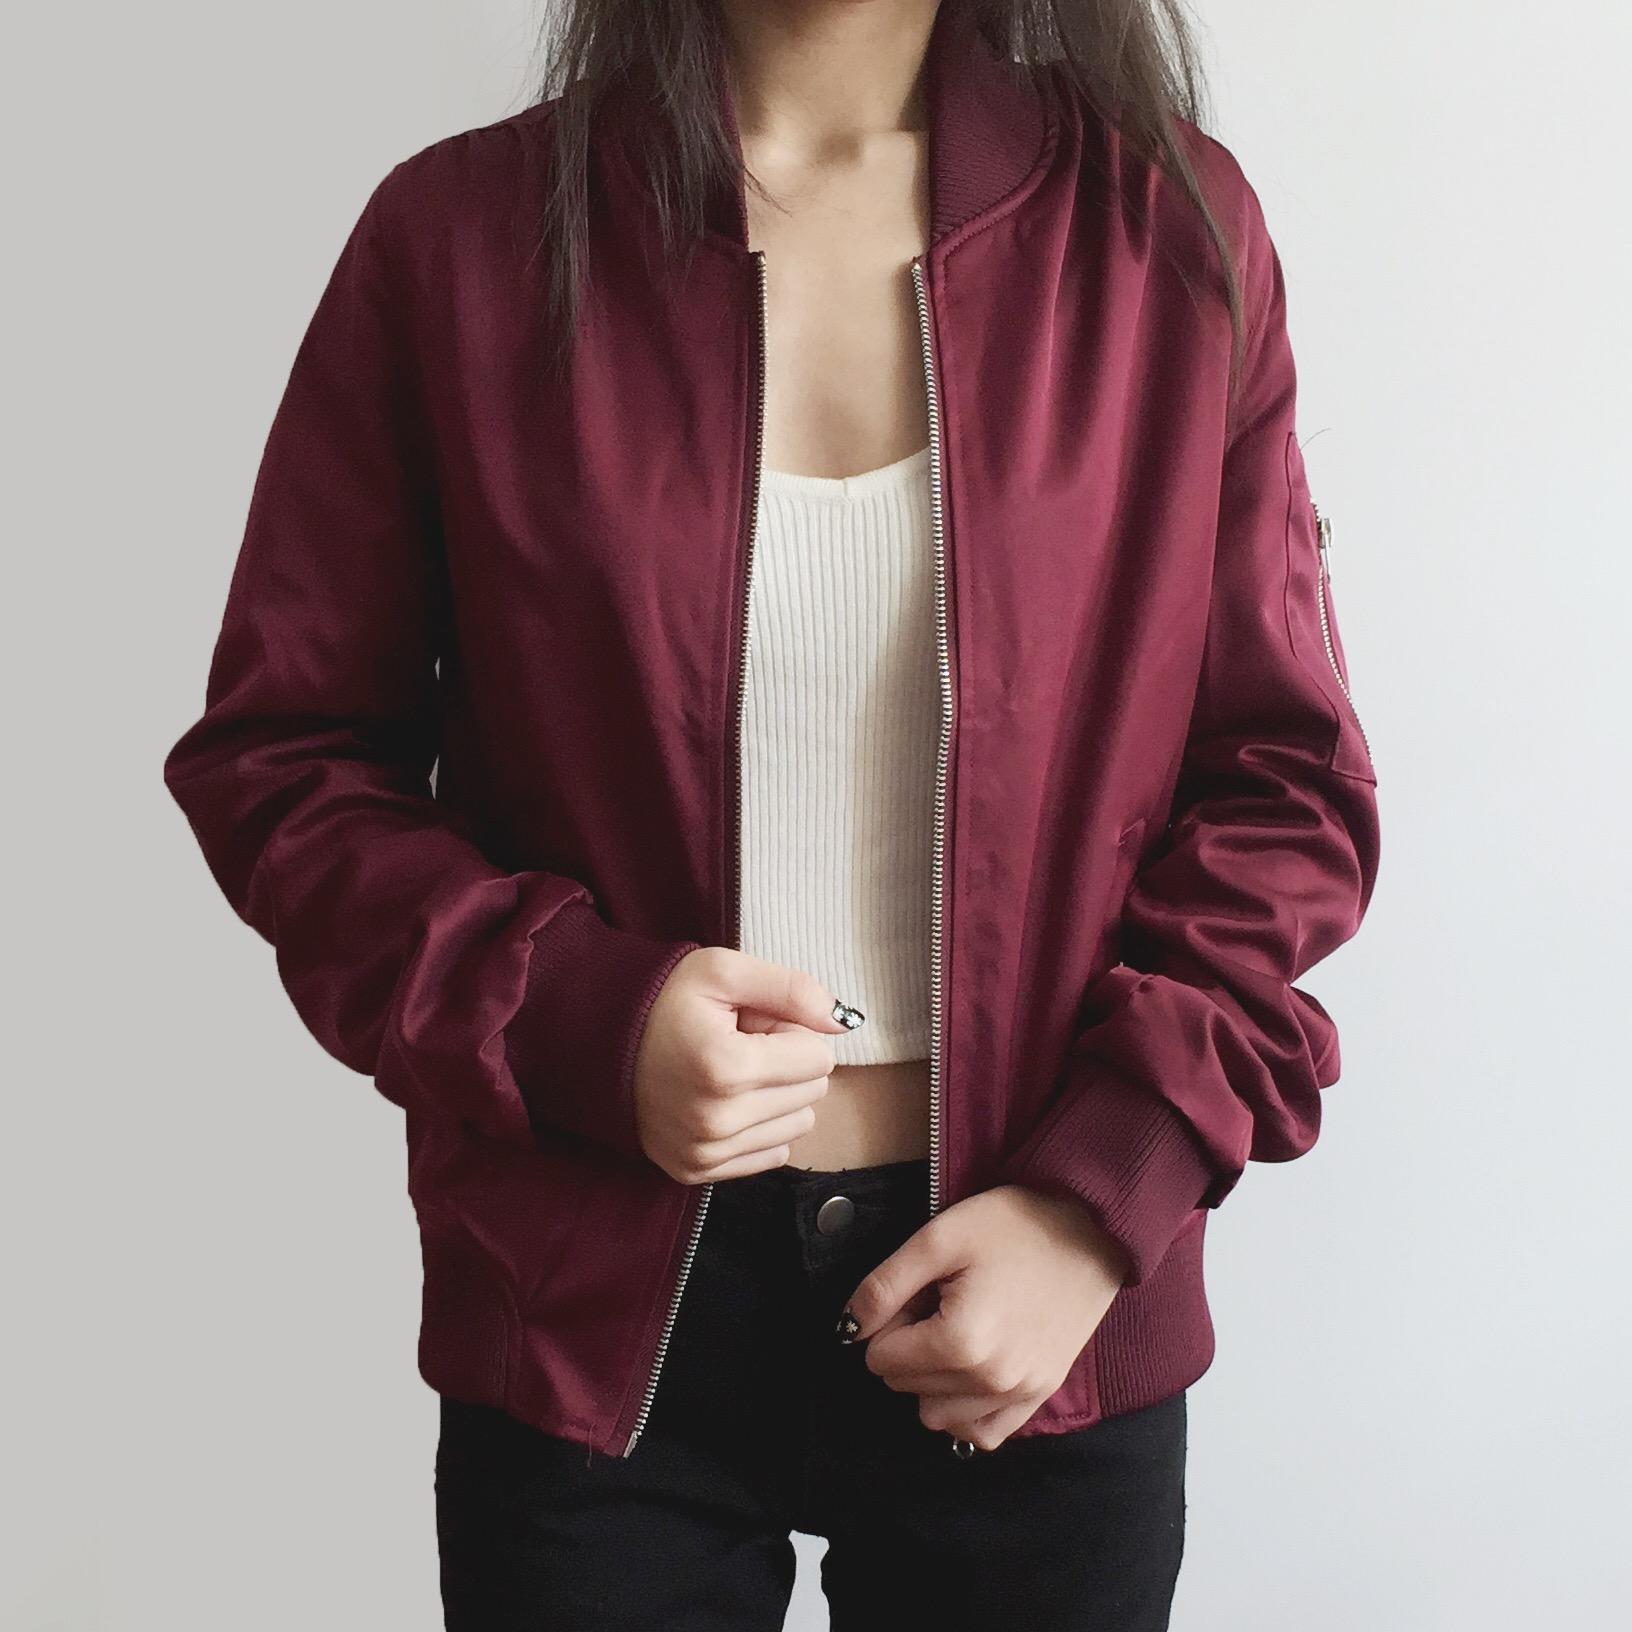 Everyday Bomber Jacket (4 Colors) · Megoosta Fashion · Free ...